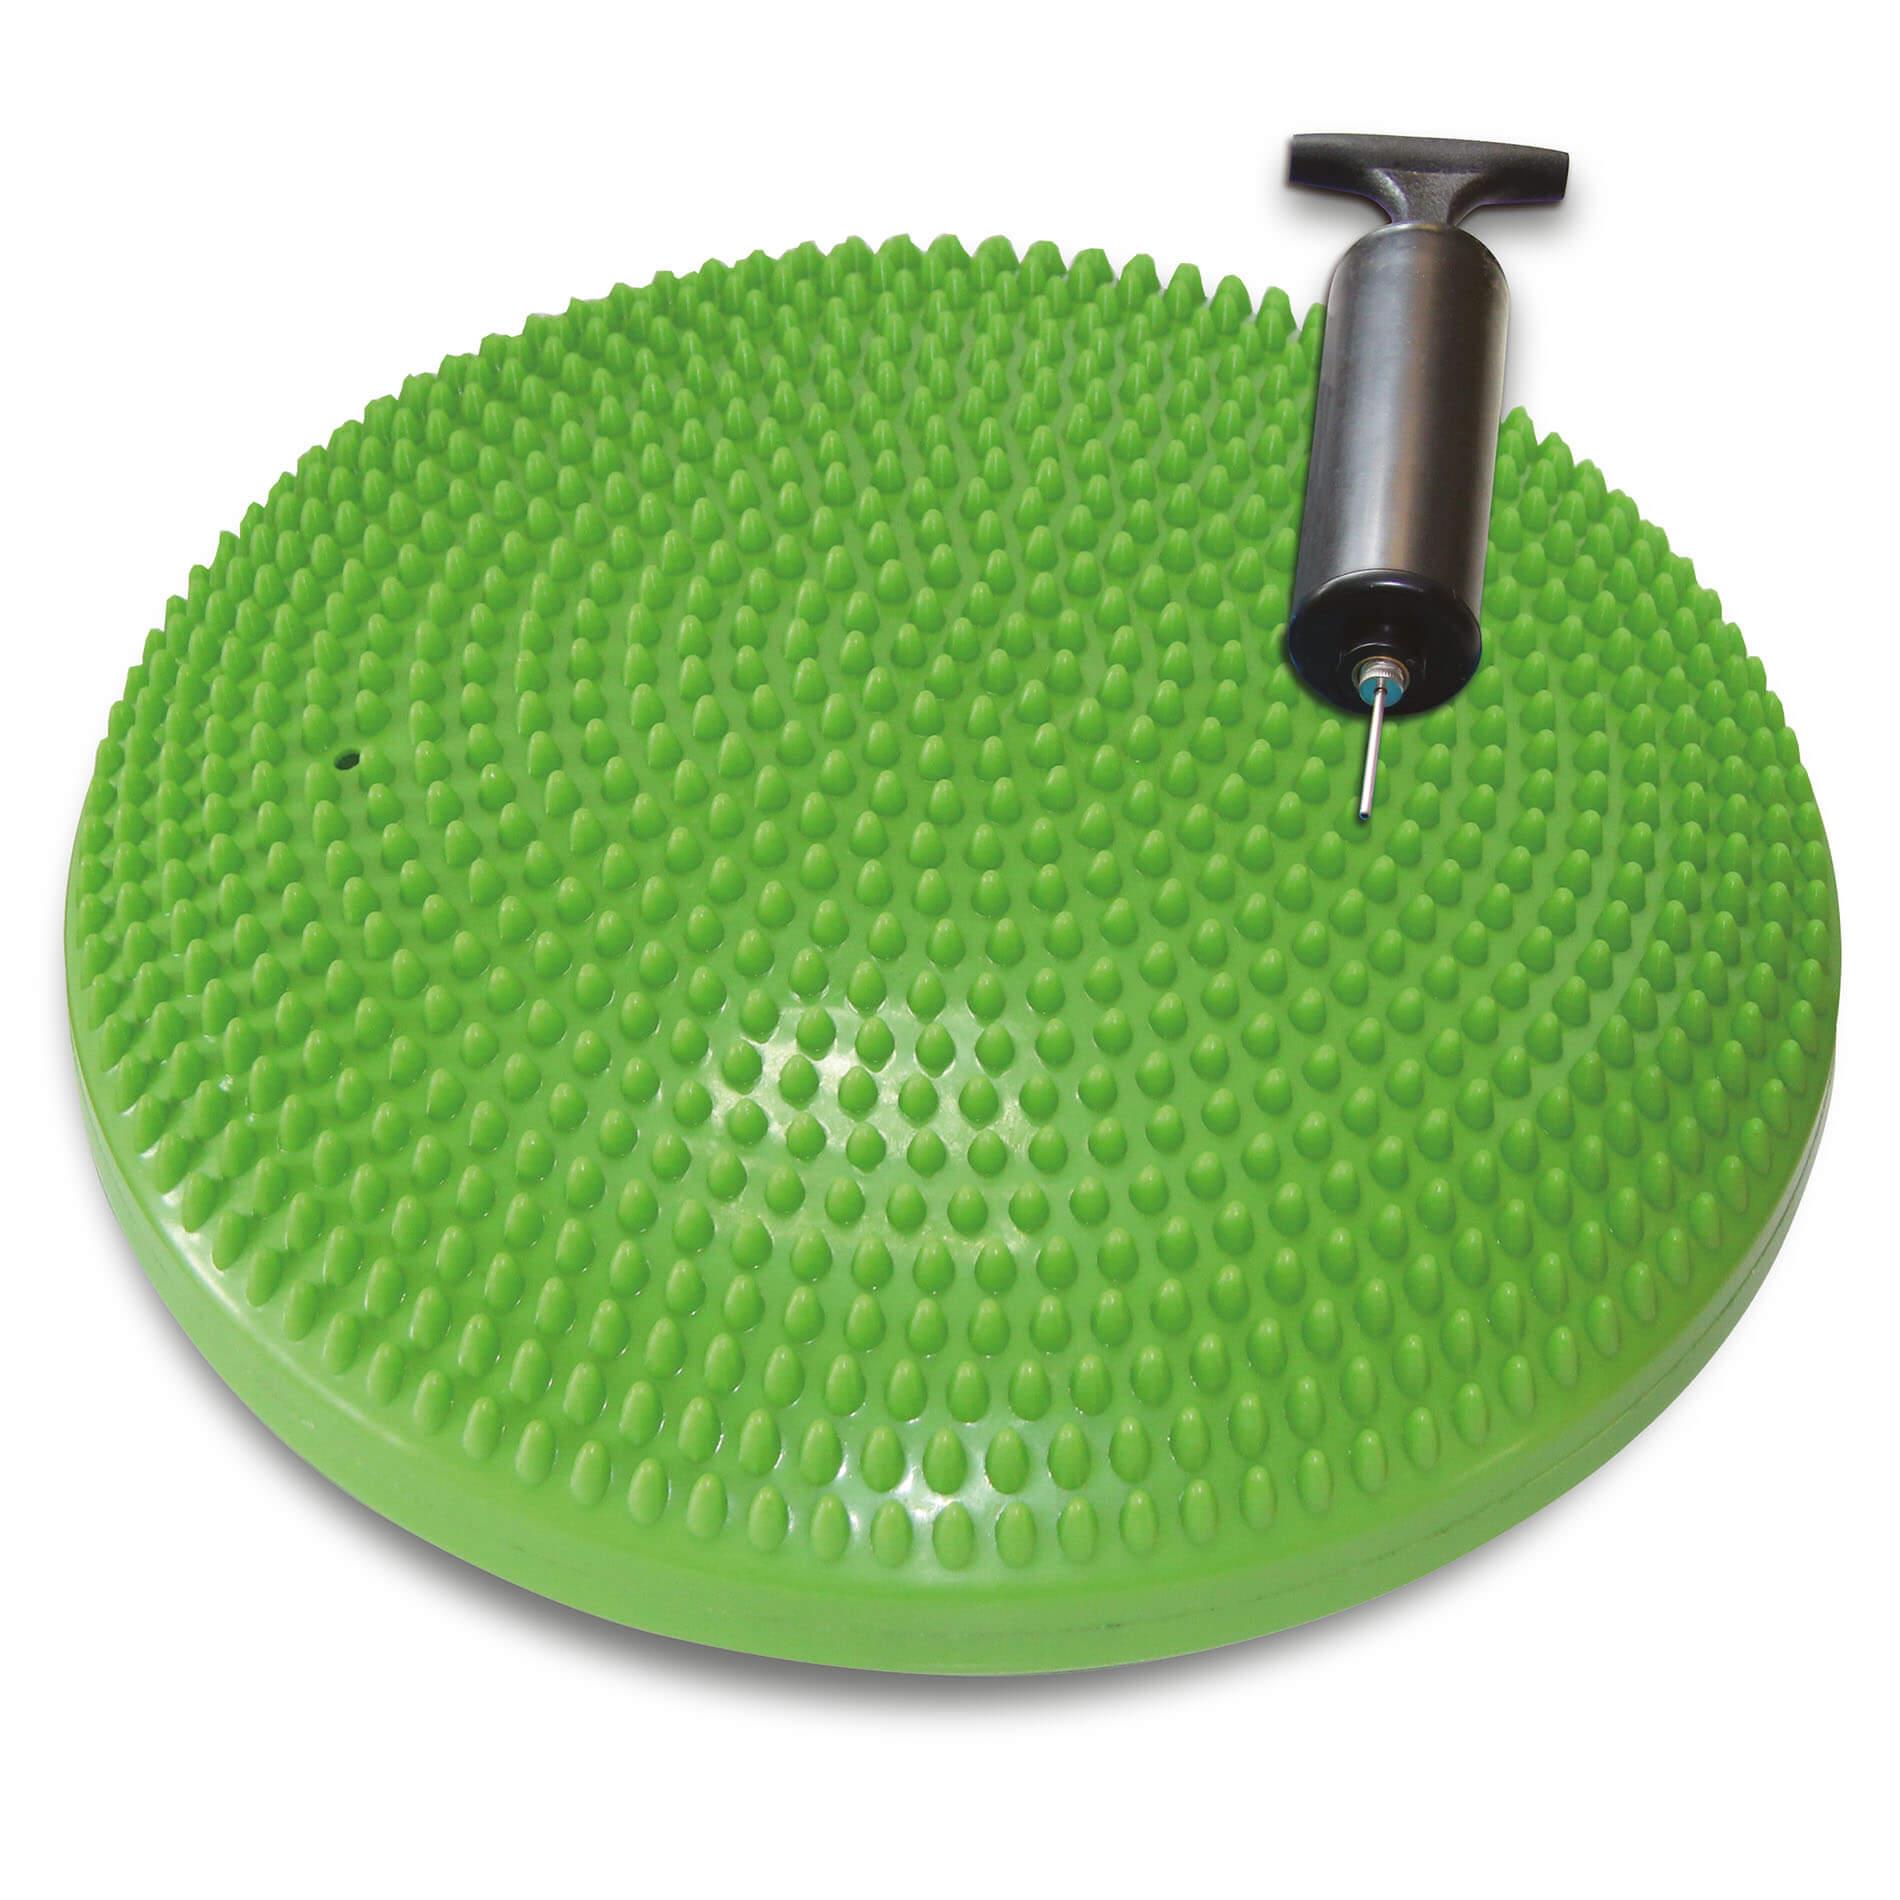 Balanční podložka TUNTURI masážní zelená ø 33 cm